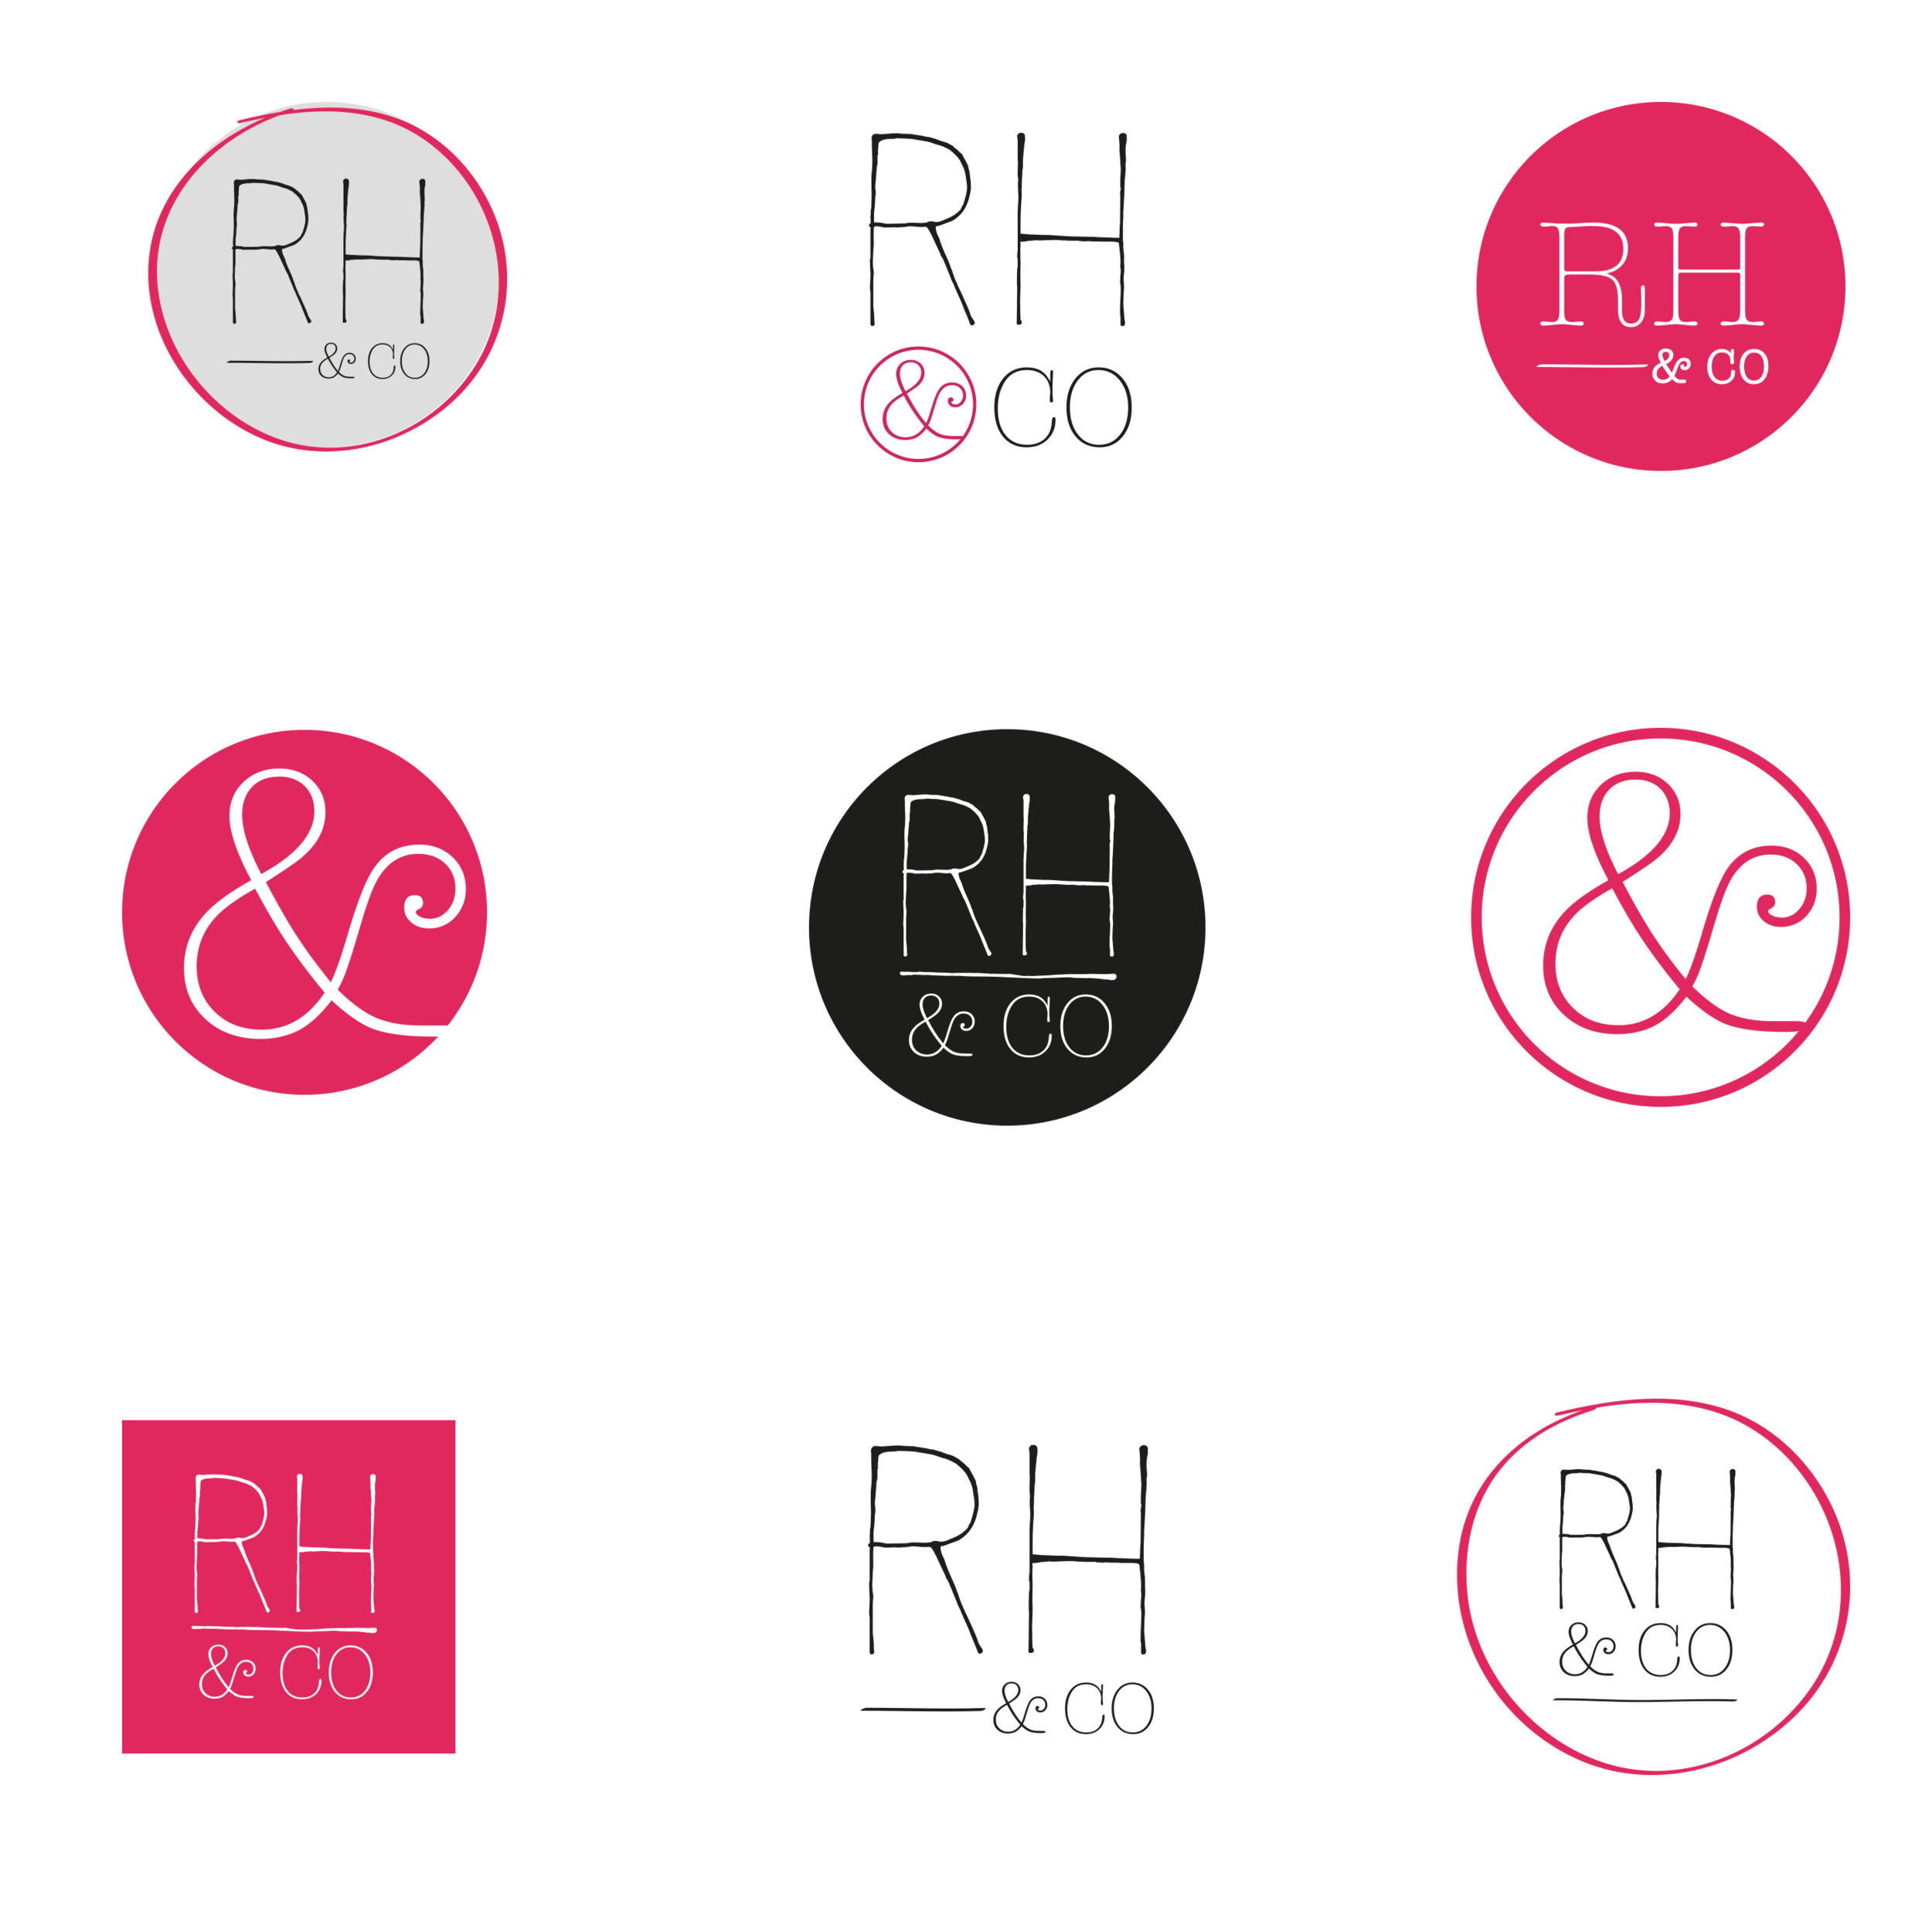 RH&CO-1.png